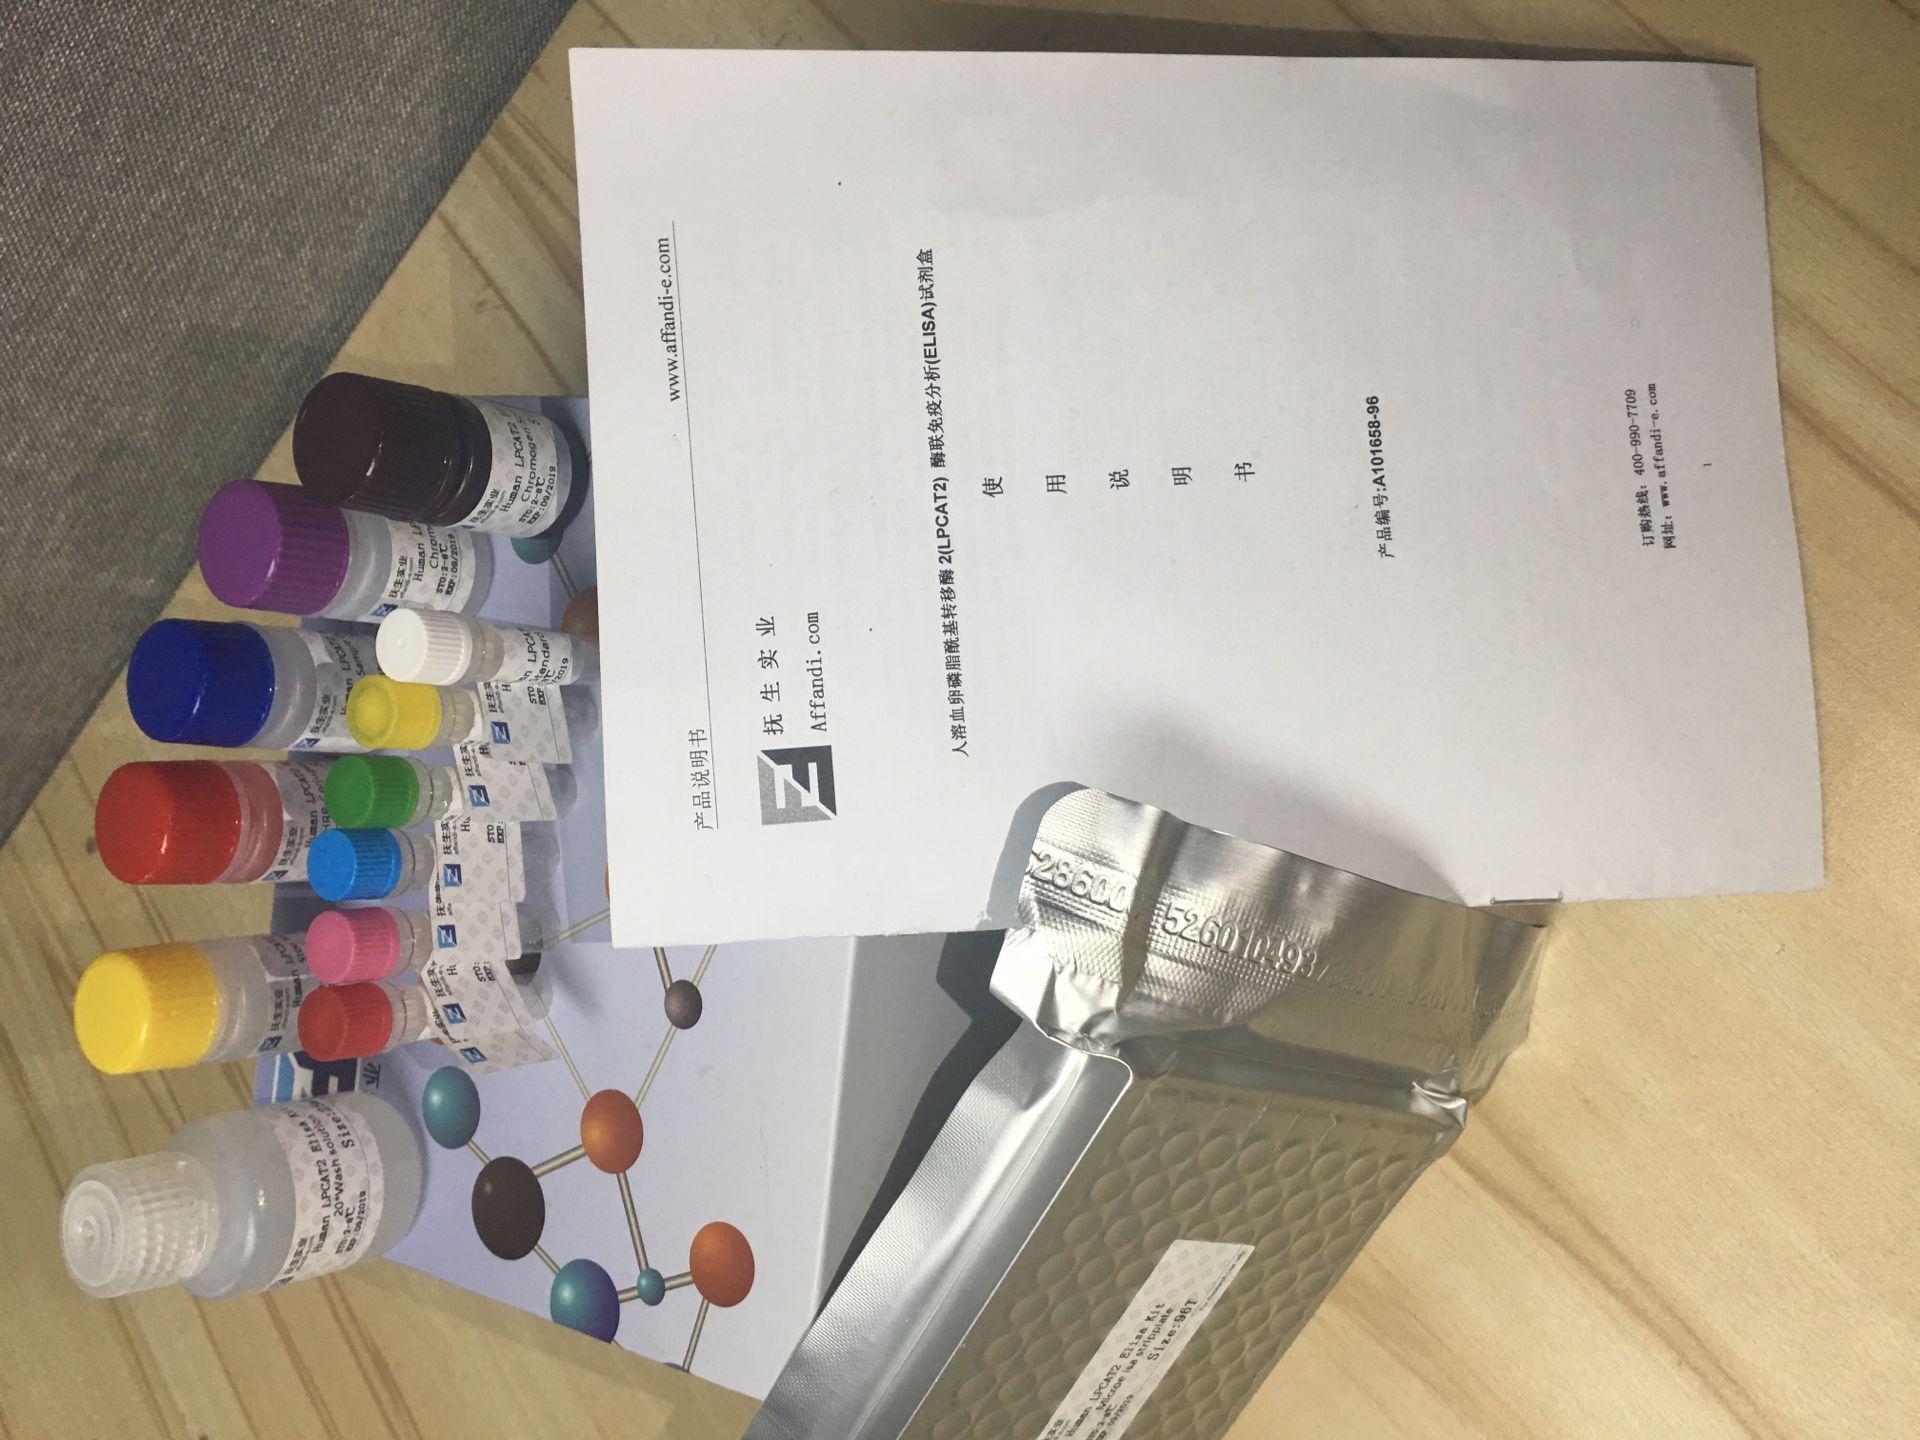 胰蛋白酶抑制剂检测试剂盒